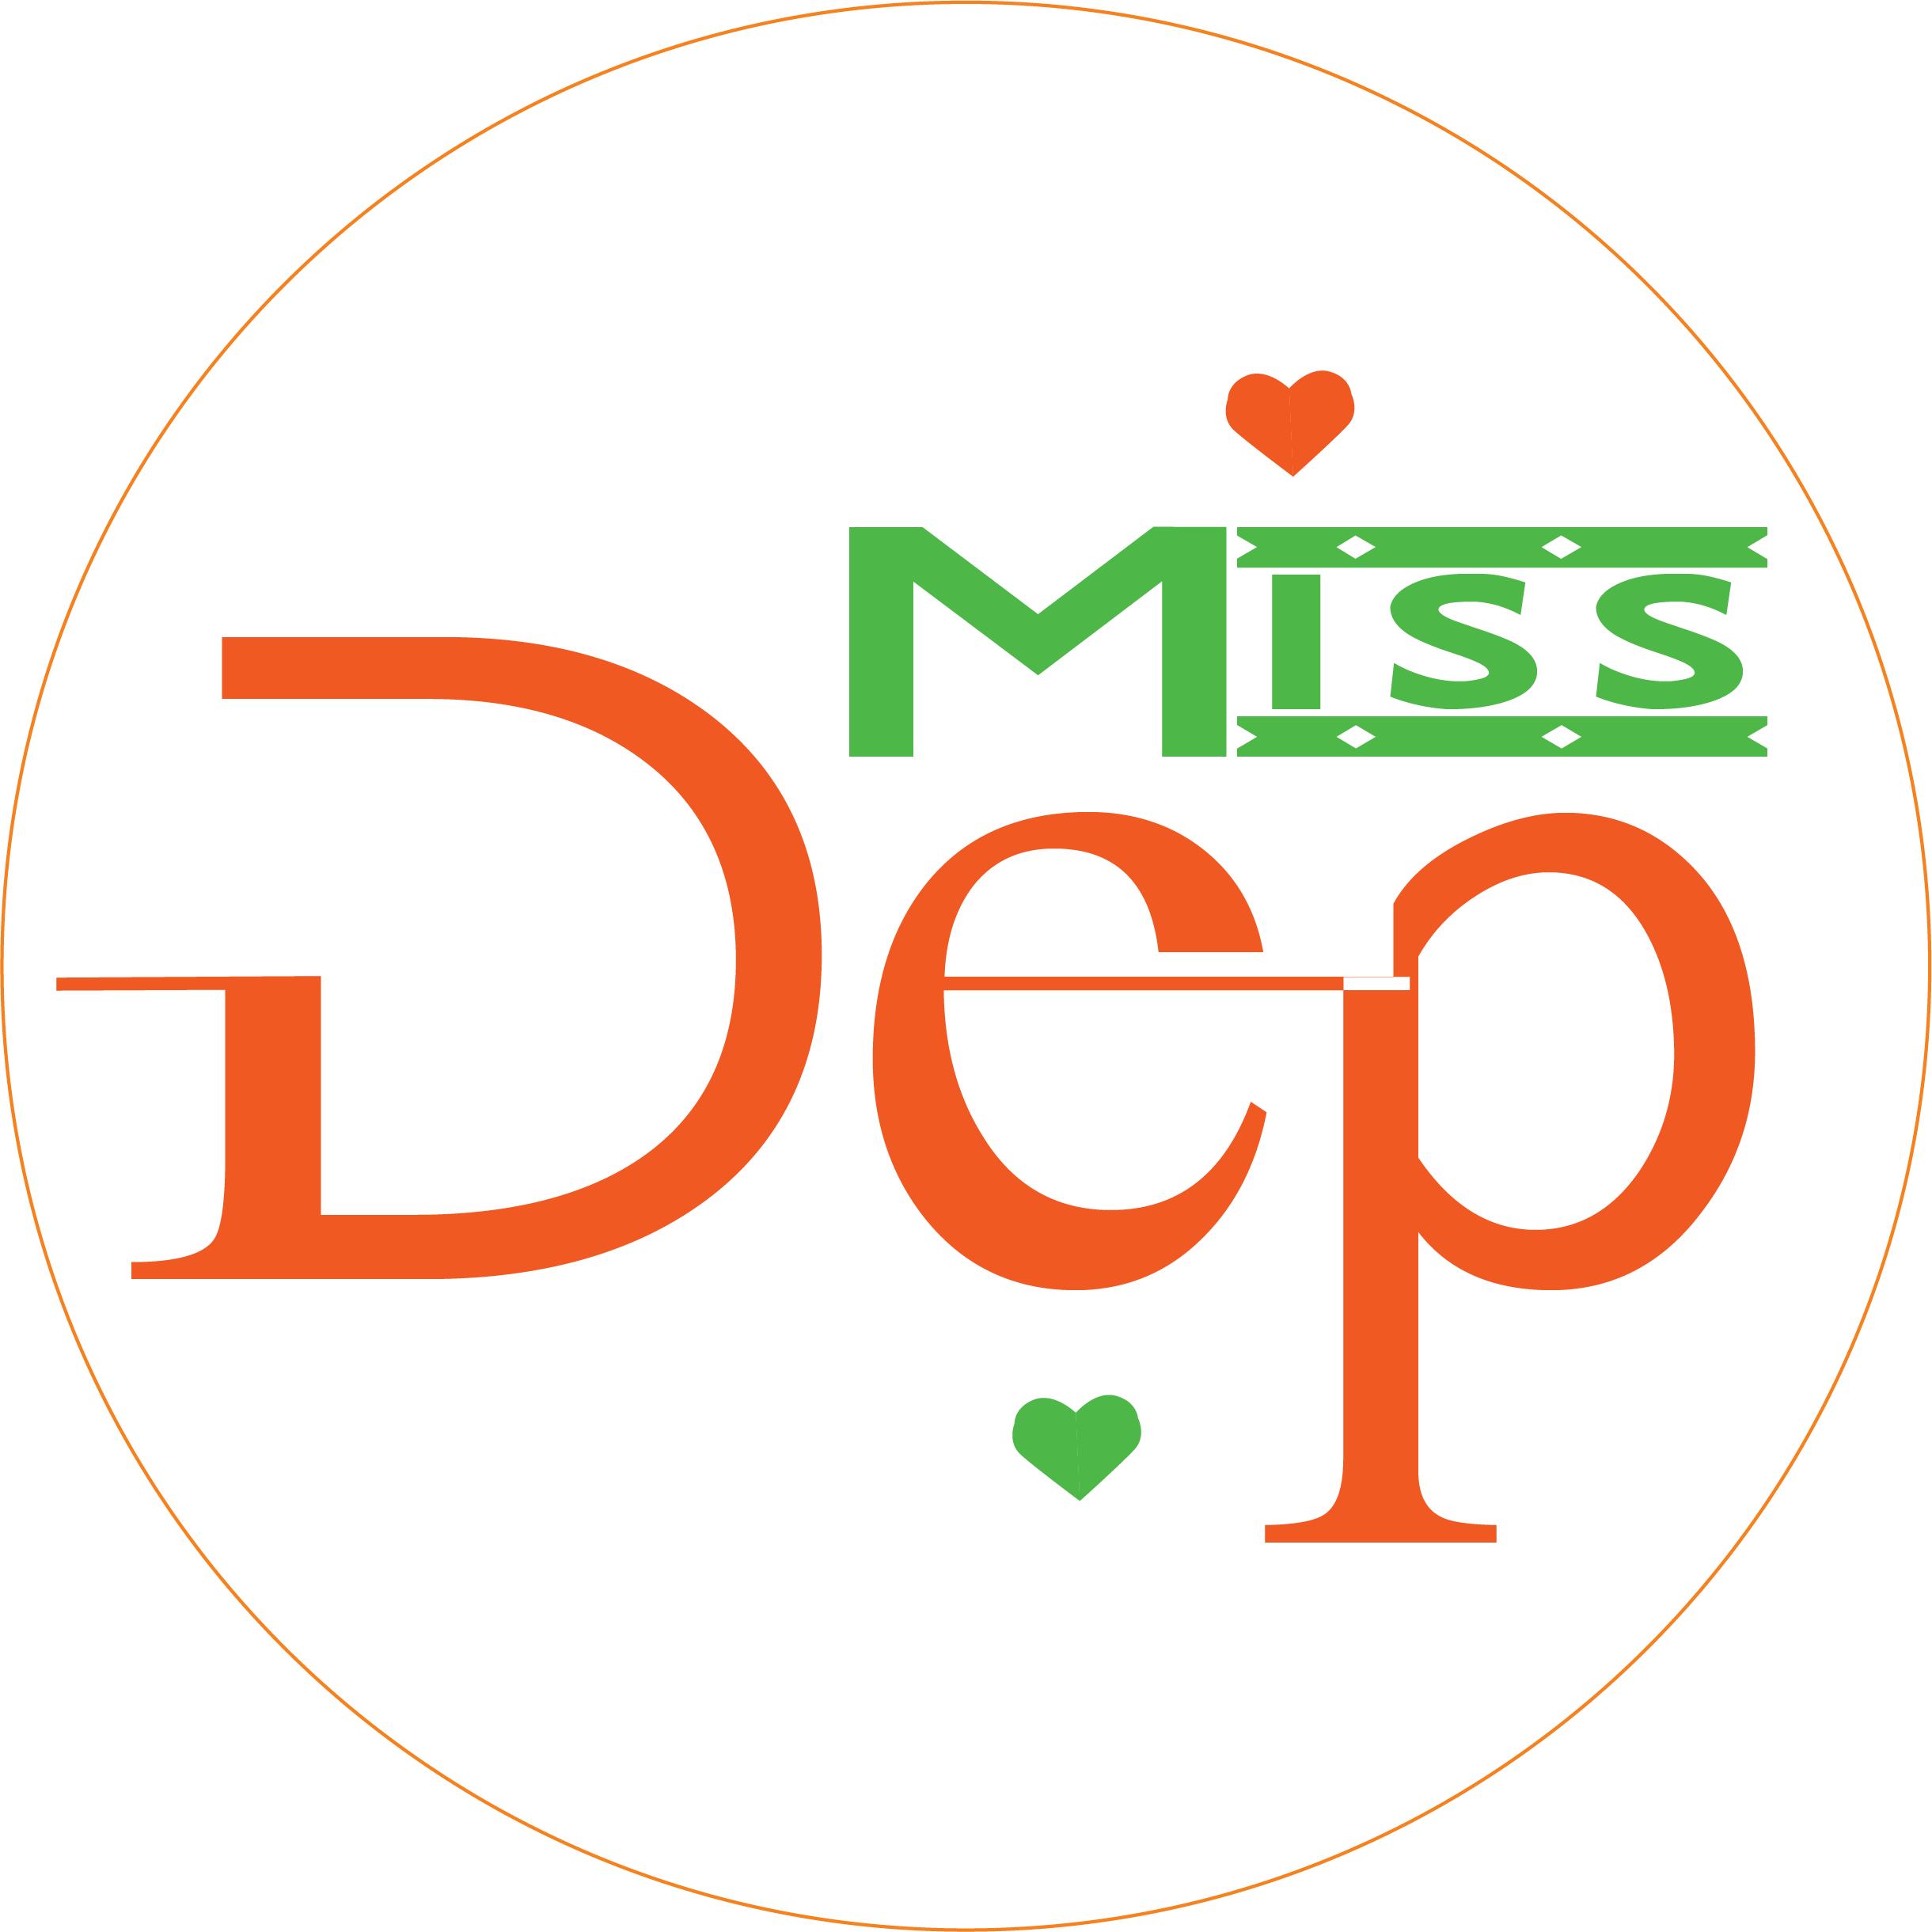 Miss Đẹp – Dầu dừa nguyên chất & các sản phẩm từ dầu dừa